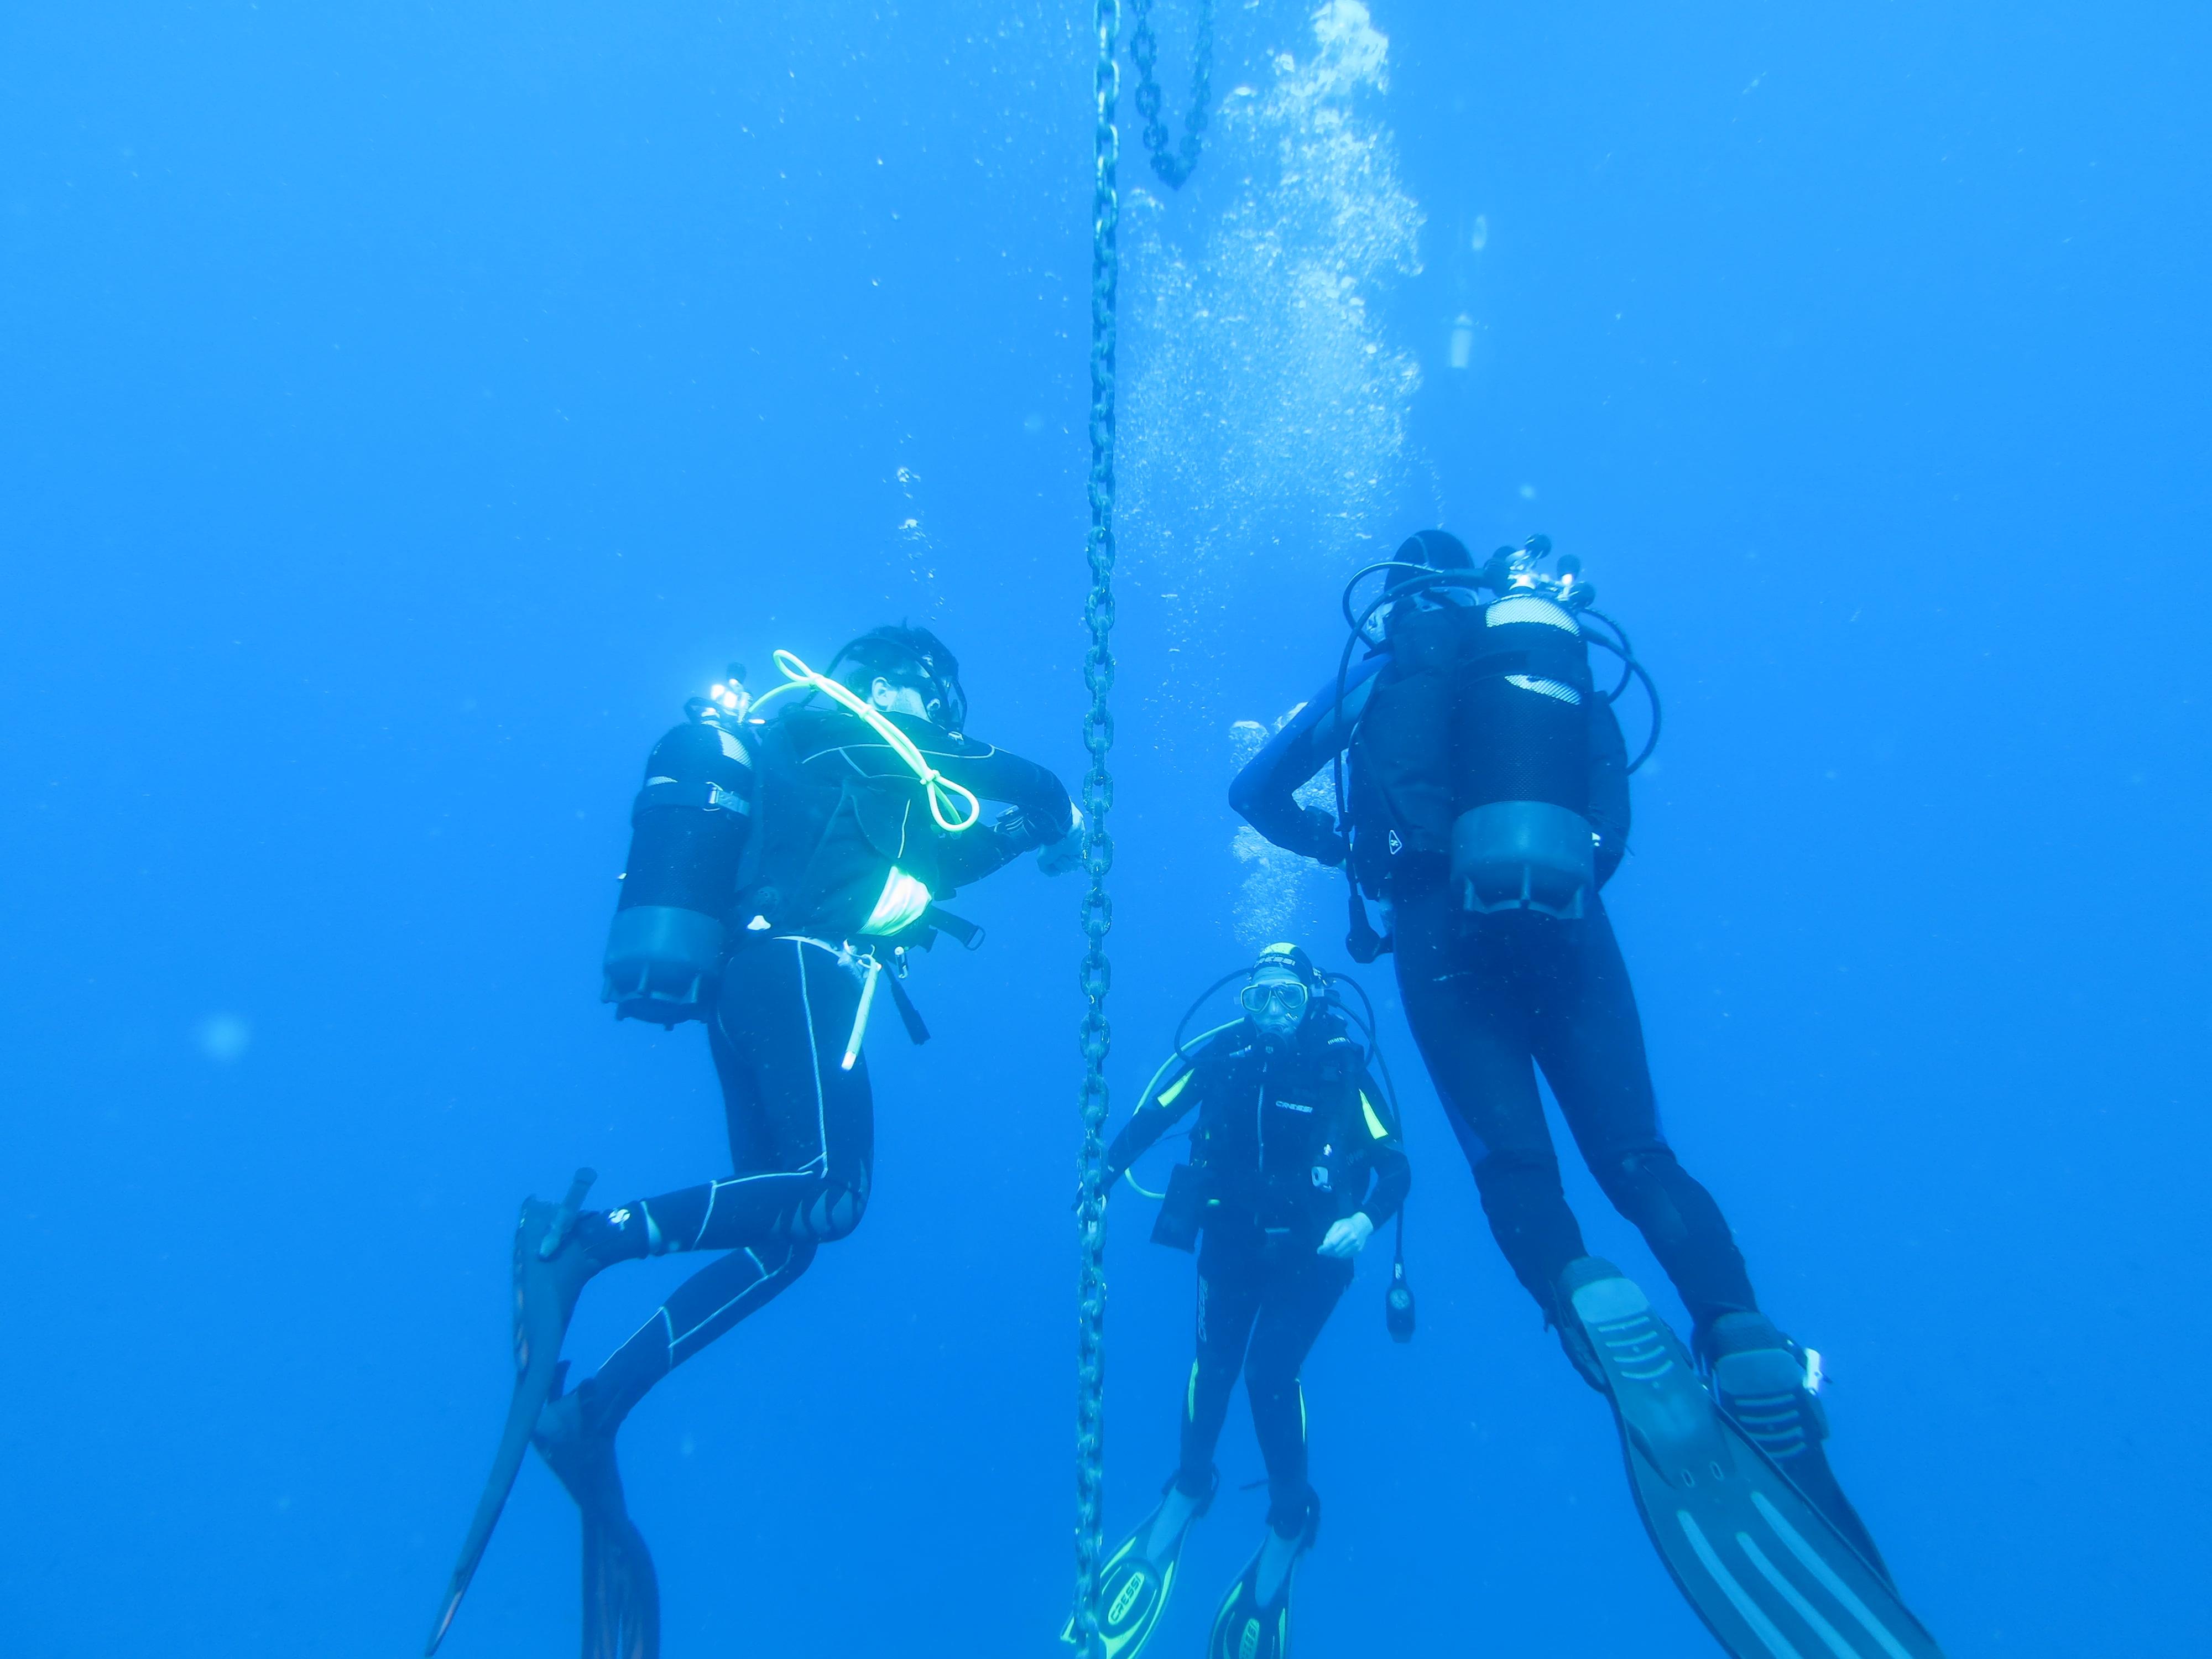 Dai modelli decompressivi agli algoritmi per la sicurezza dell'immersione - matematica applicata alla subacquea - parte terza